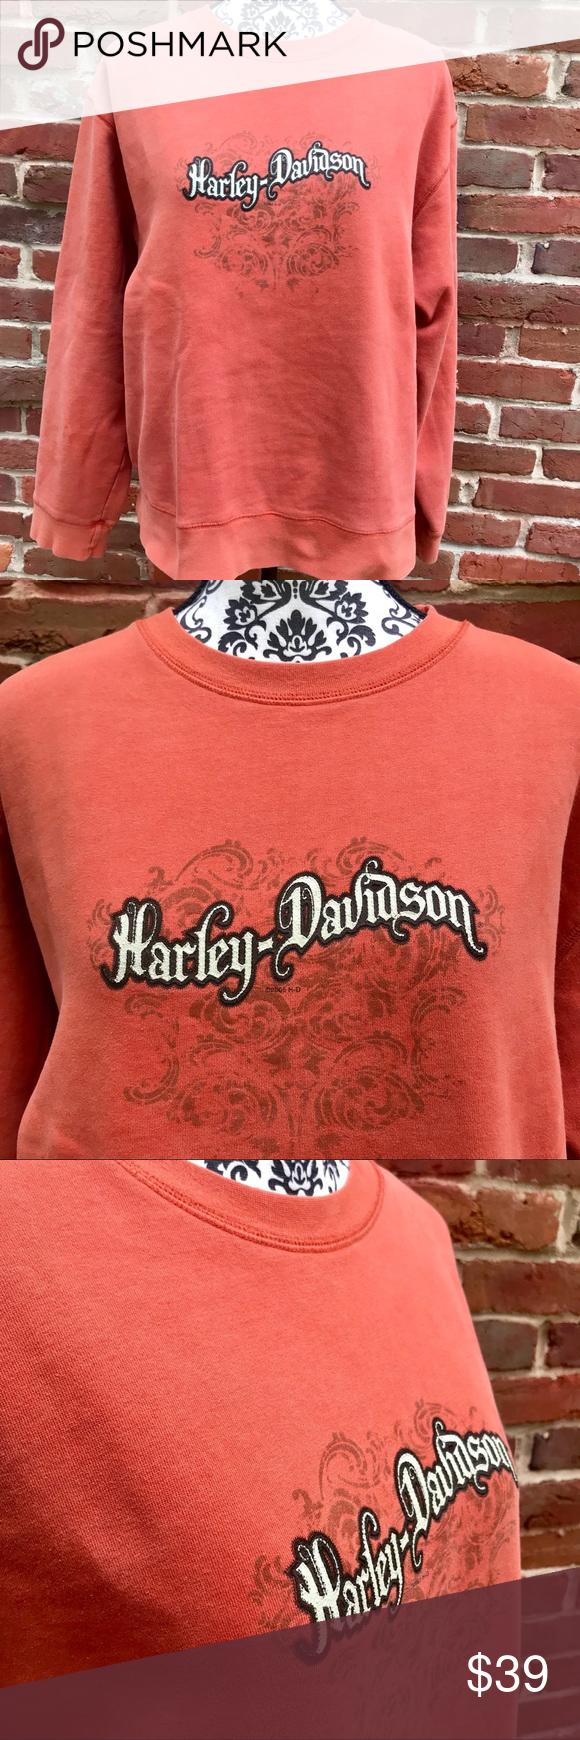 Harley Davidson Vintage Zanotti Patch Sweatshirt Sweatshirts Sweatshirts Hoodie Patch Sweatshirts [ 1740 x 580 Pixel ]